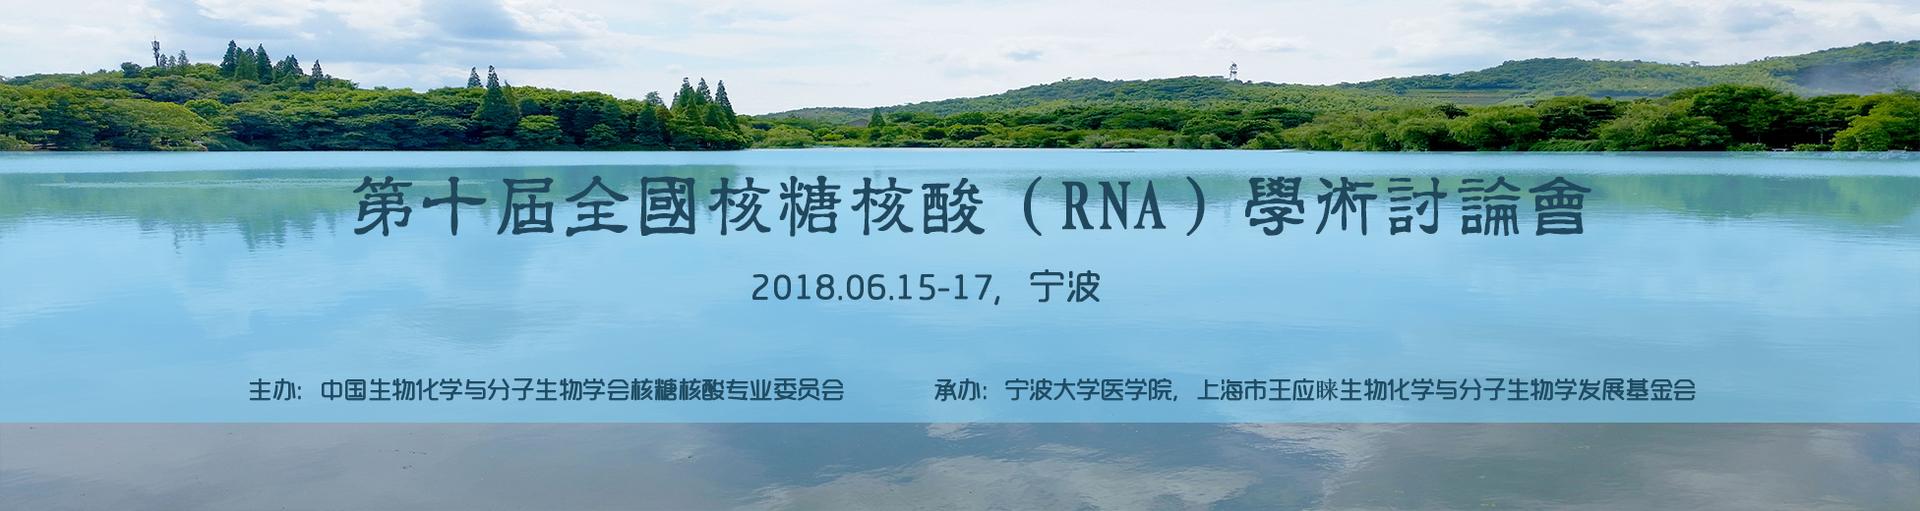 第十届全国核糖核酸(RNA)学术讨论会